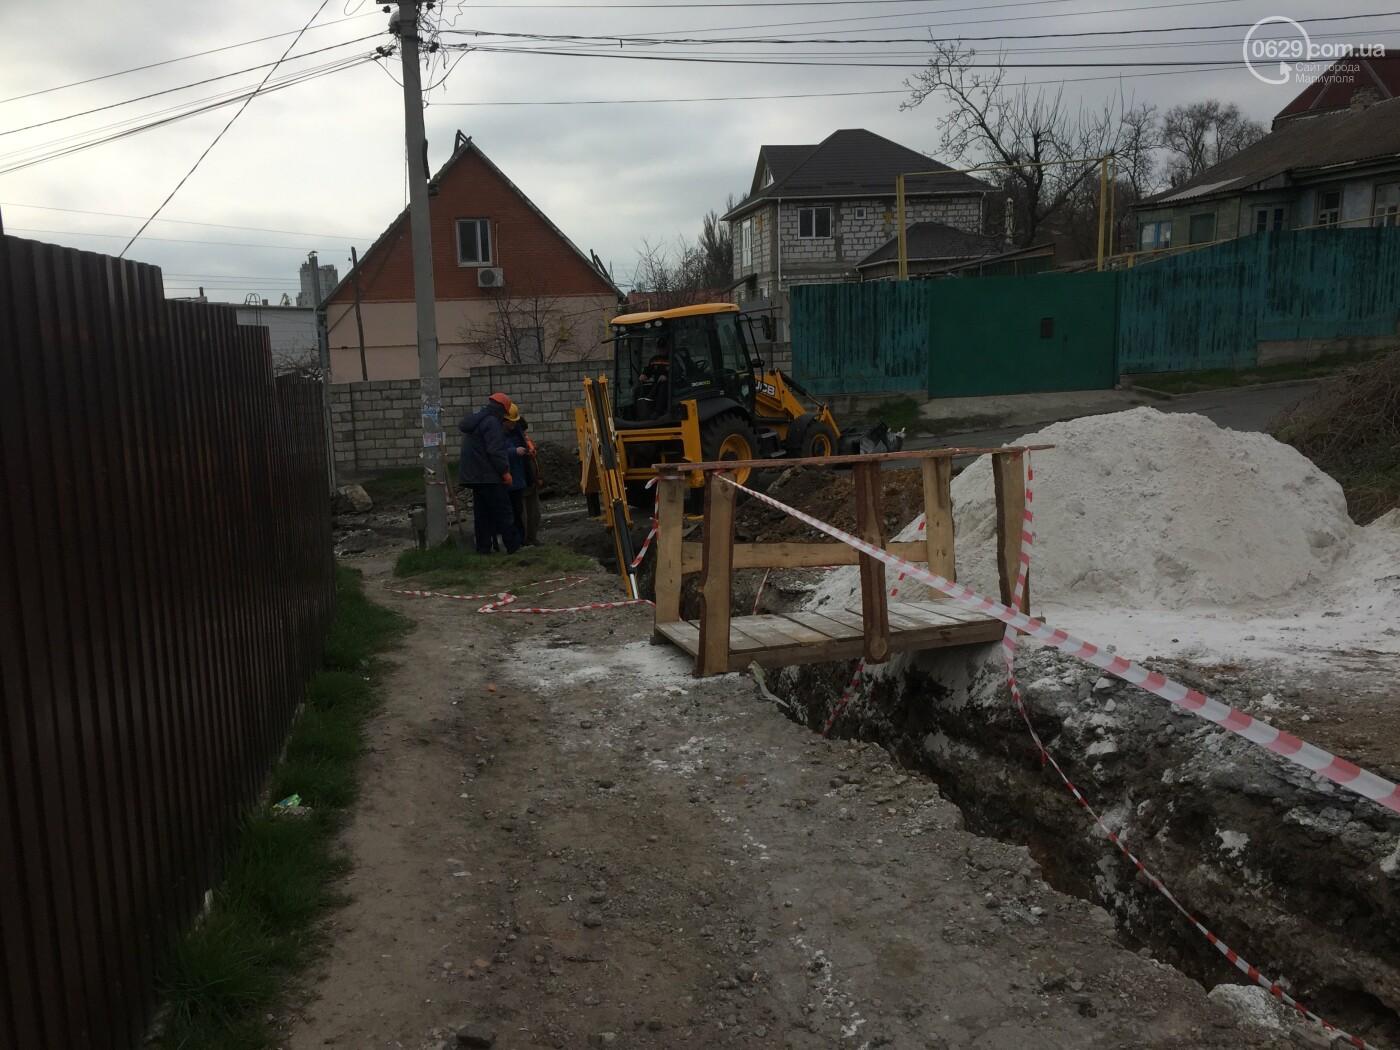 Под землей. ДТЭК тянет через Приморский район высоковольтный кабель, фото-2